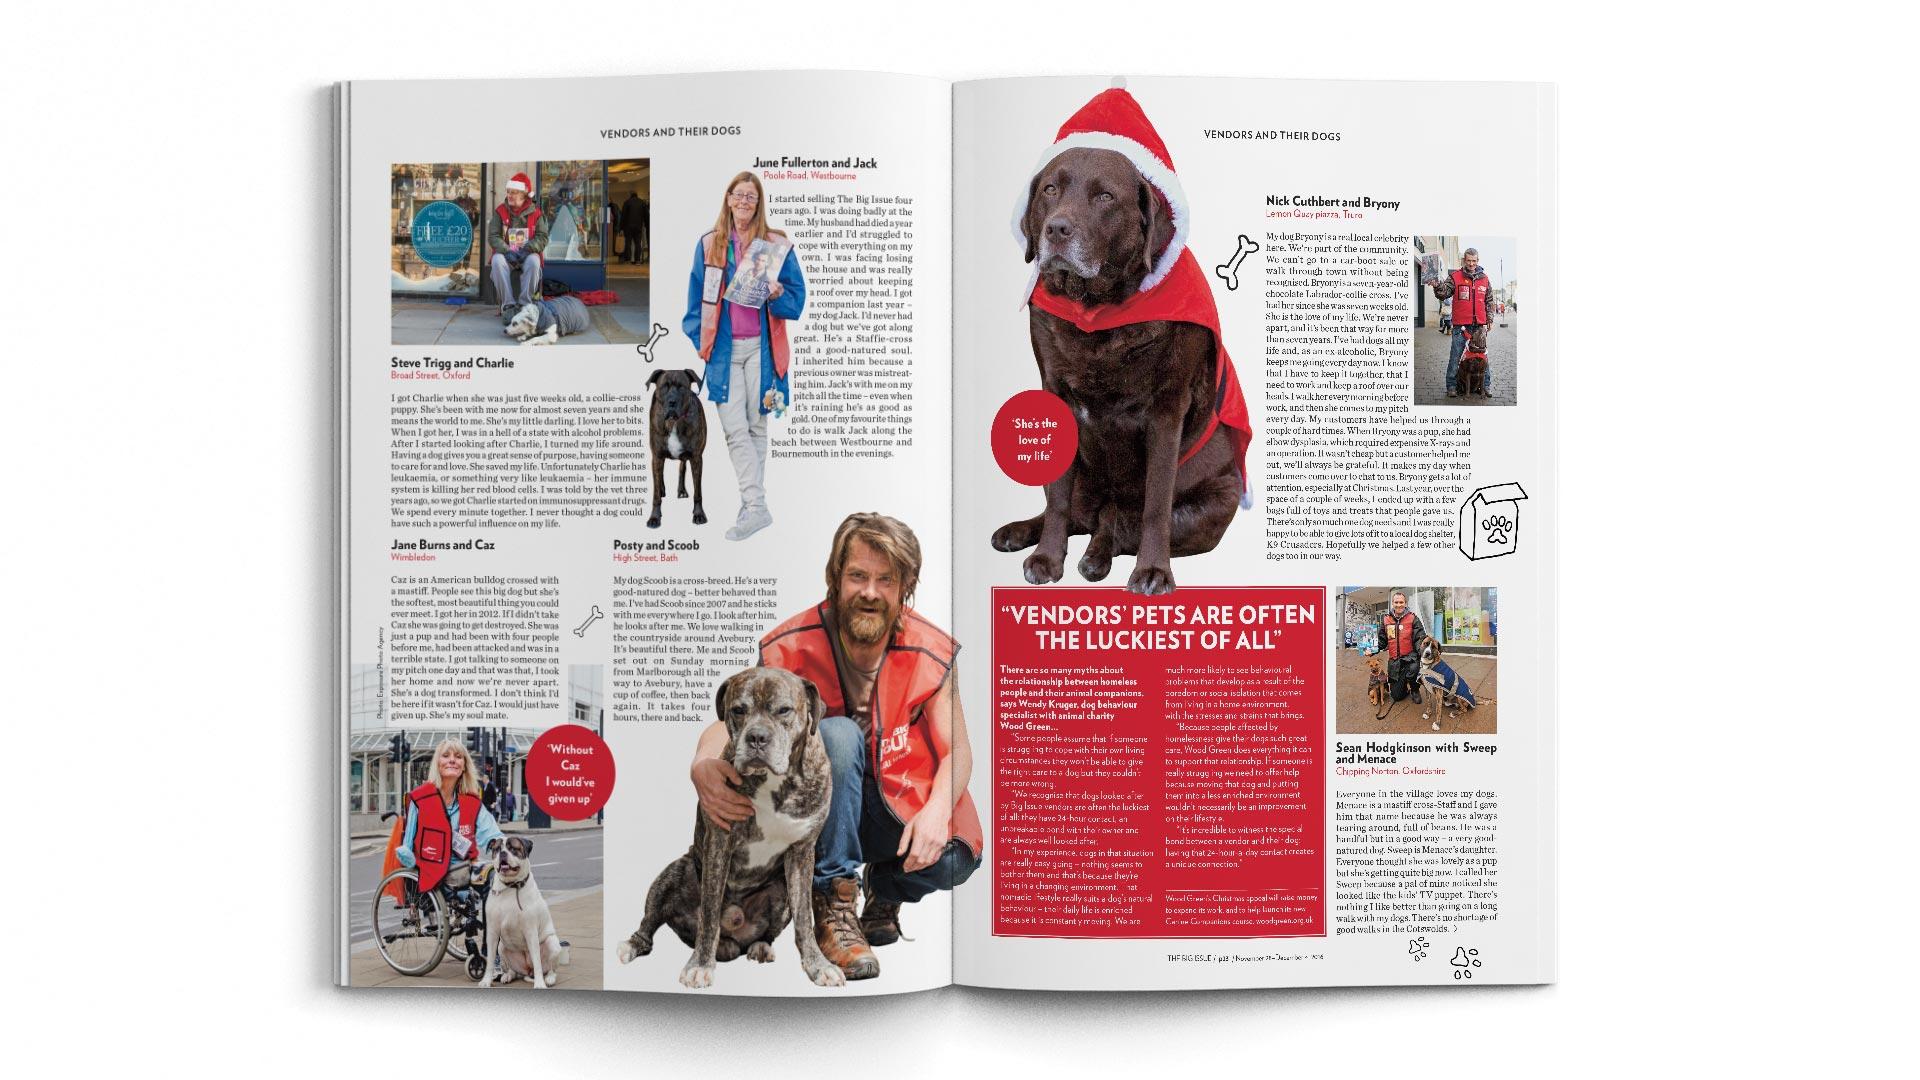 A4-Magazine-DPS-TBI-Xmas-vendor-dogs-2